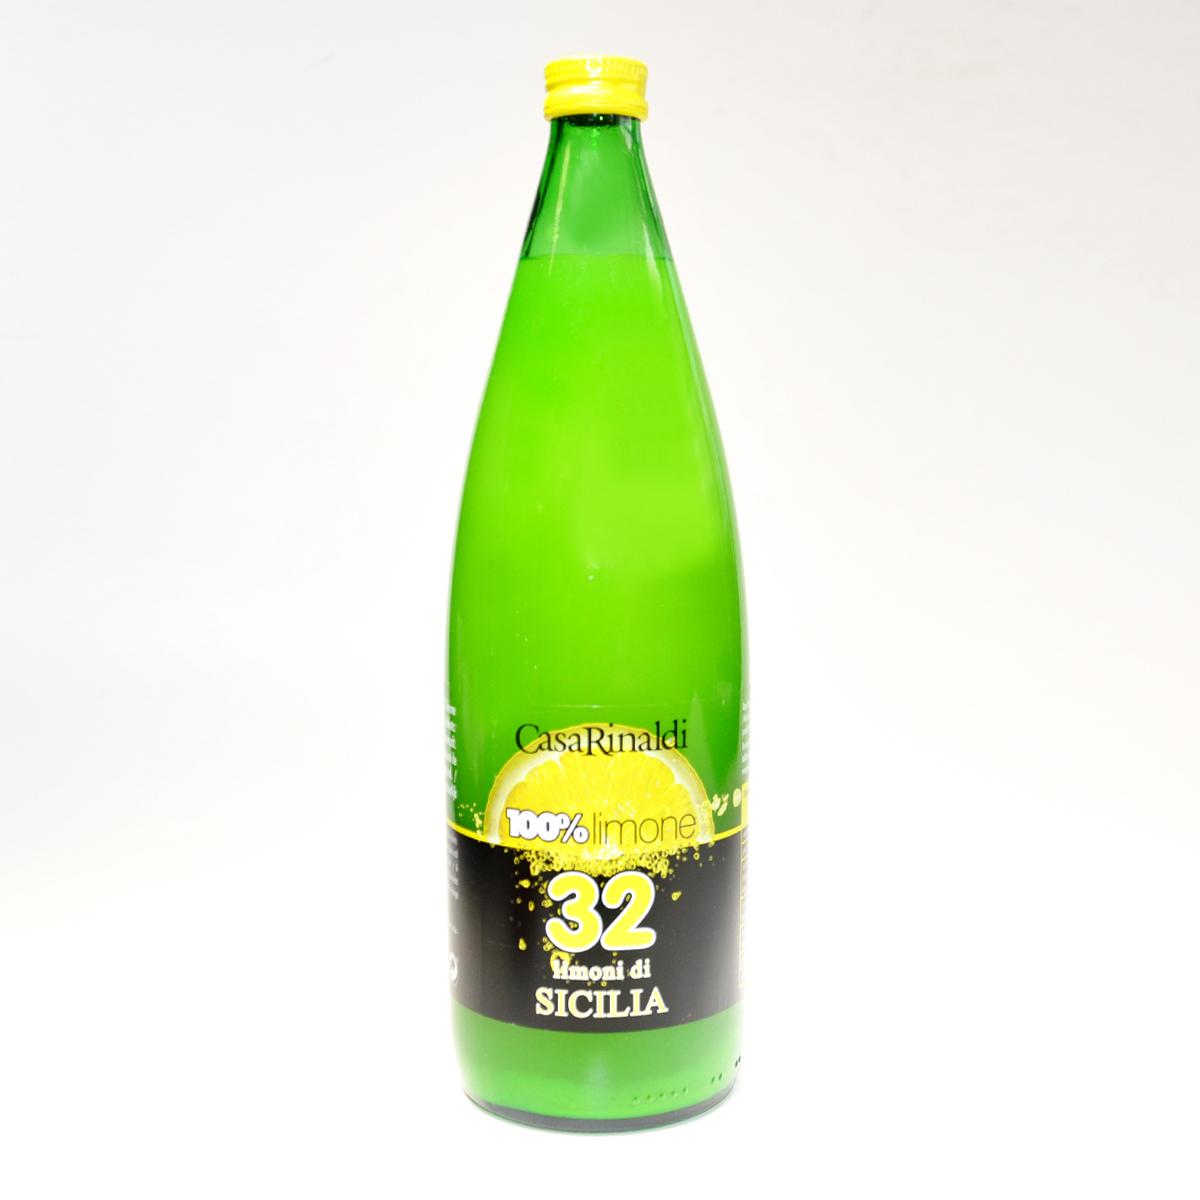 Сок лимонный прямого отжима из сицилийских лимонов  100%  Casa Rinaldi 1л